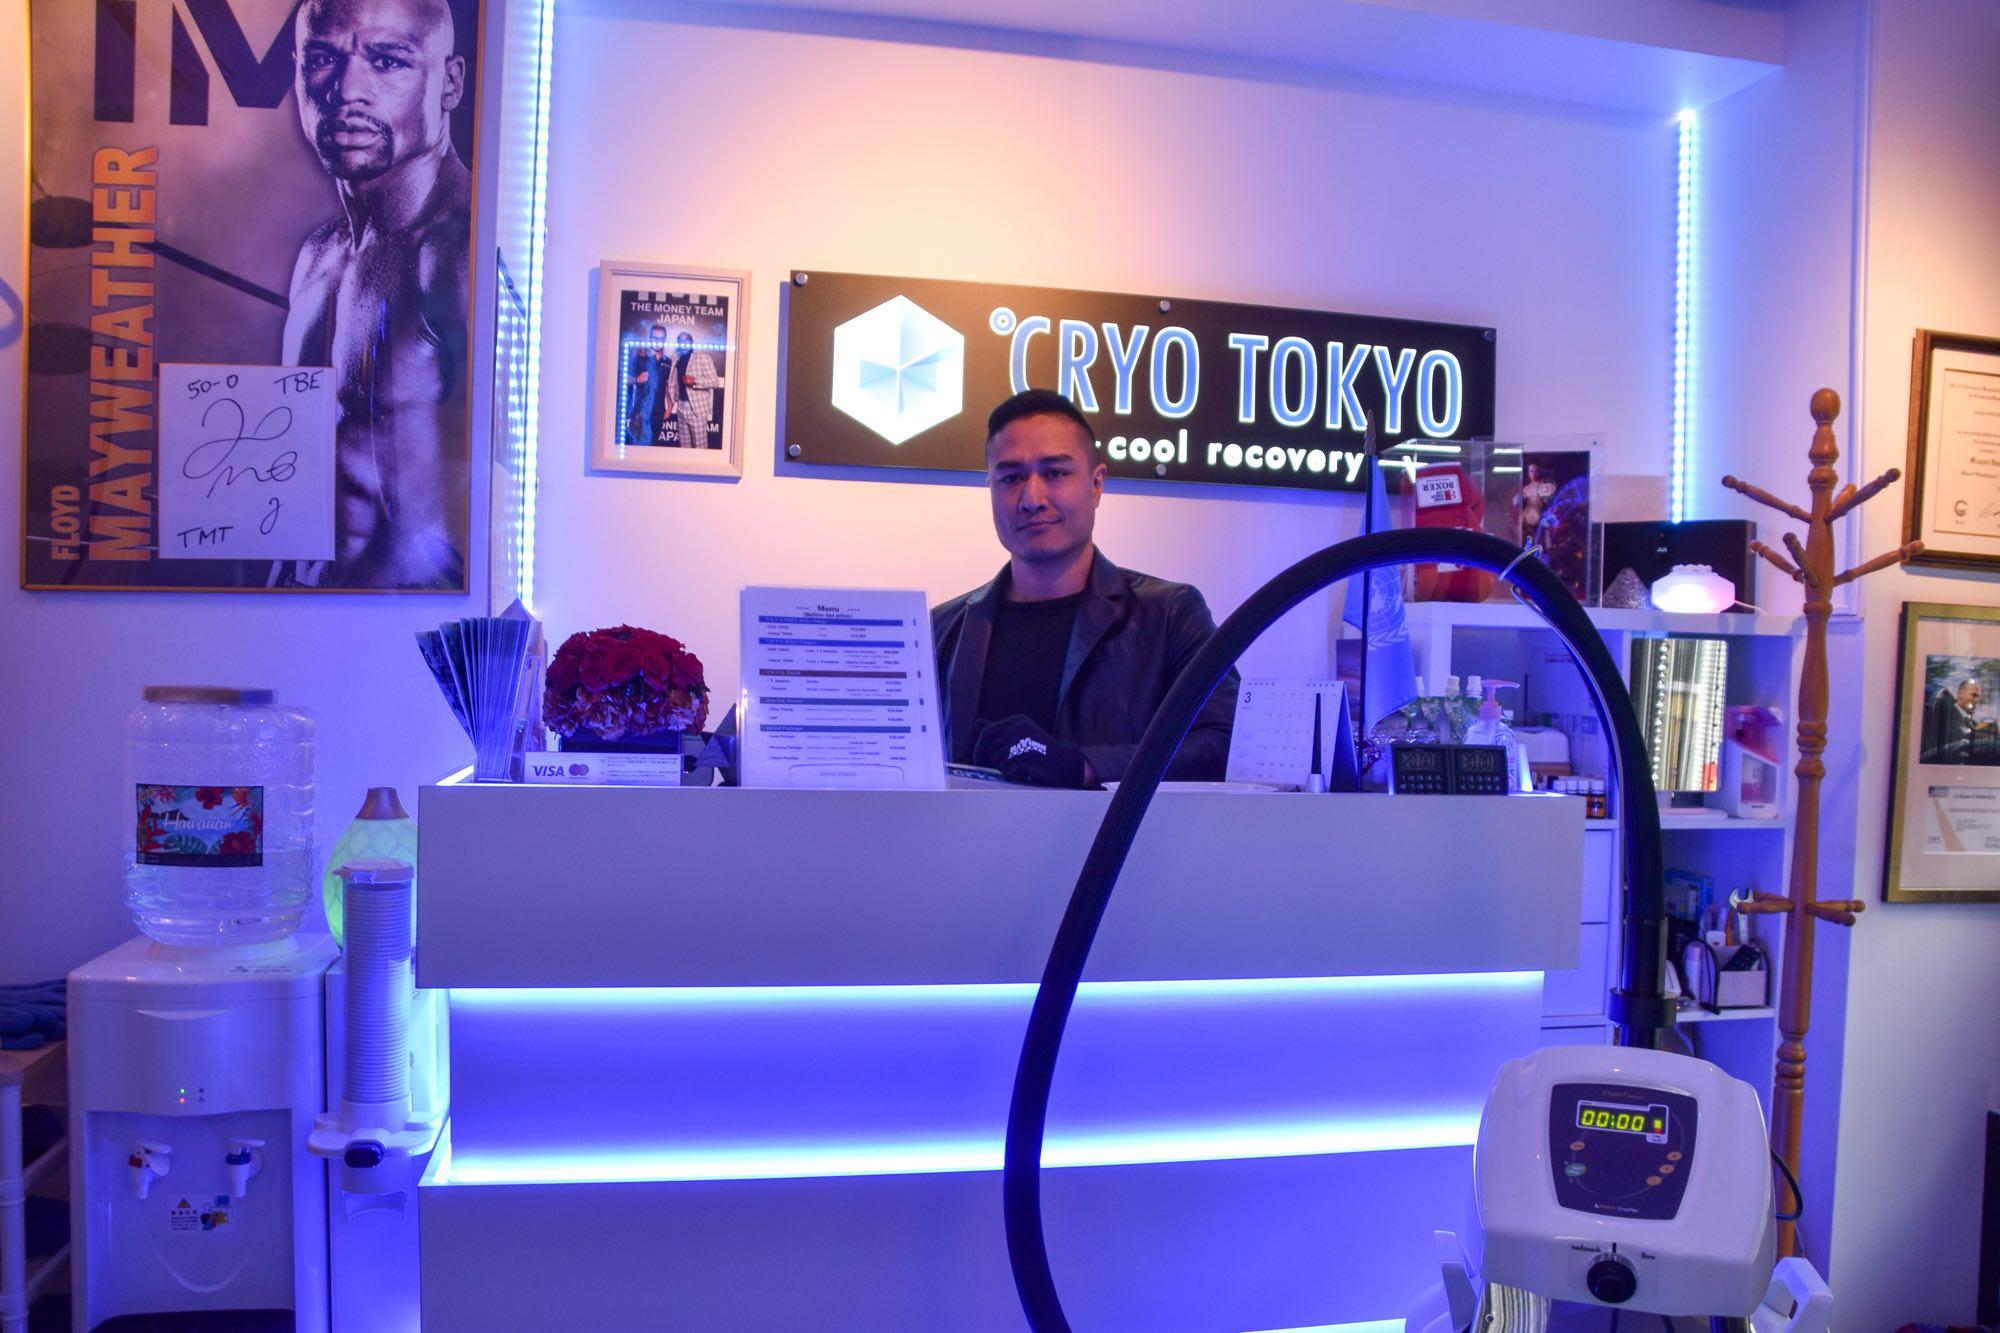 Cryo Tokyo Cool Recovery Counter at Azabu Juban